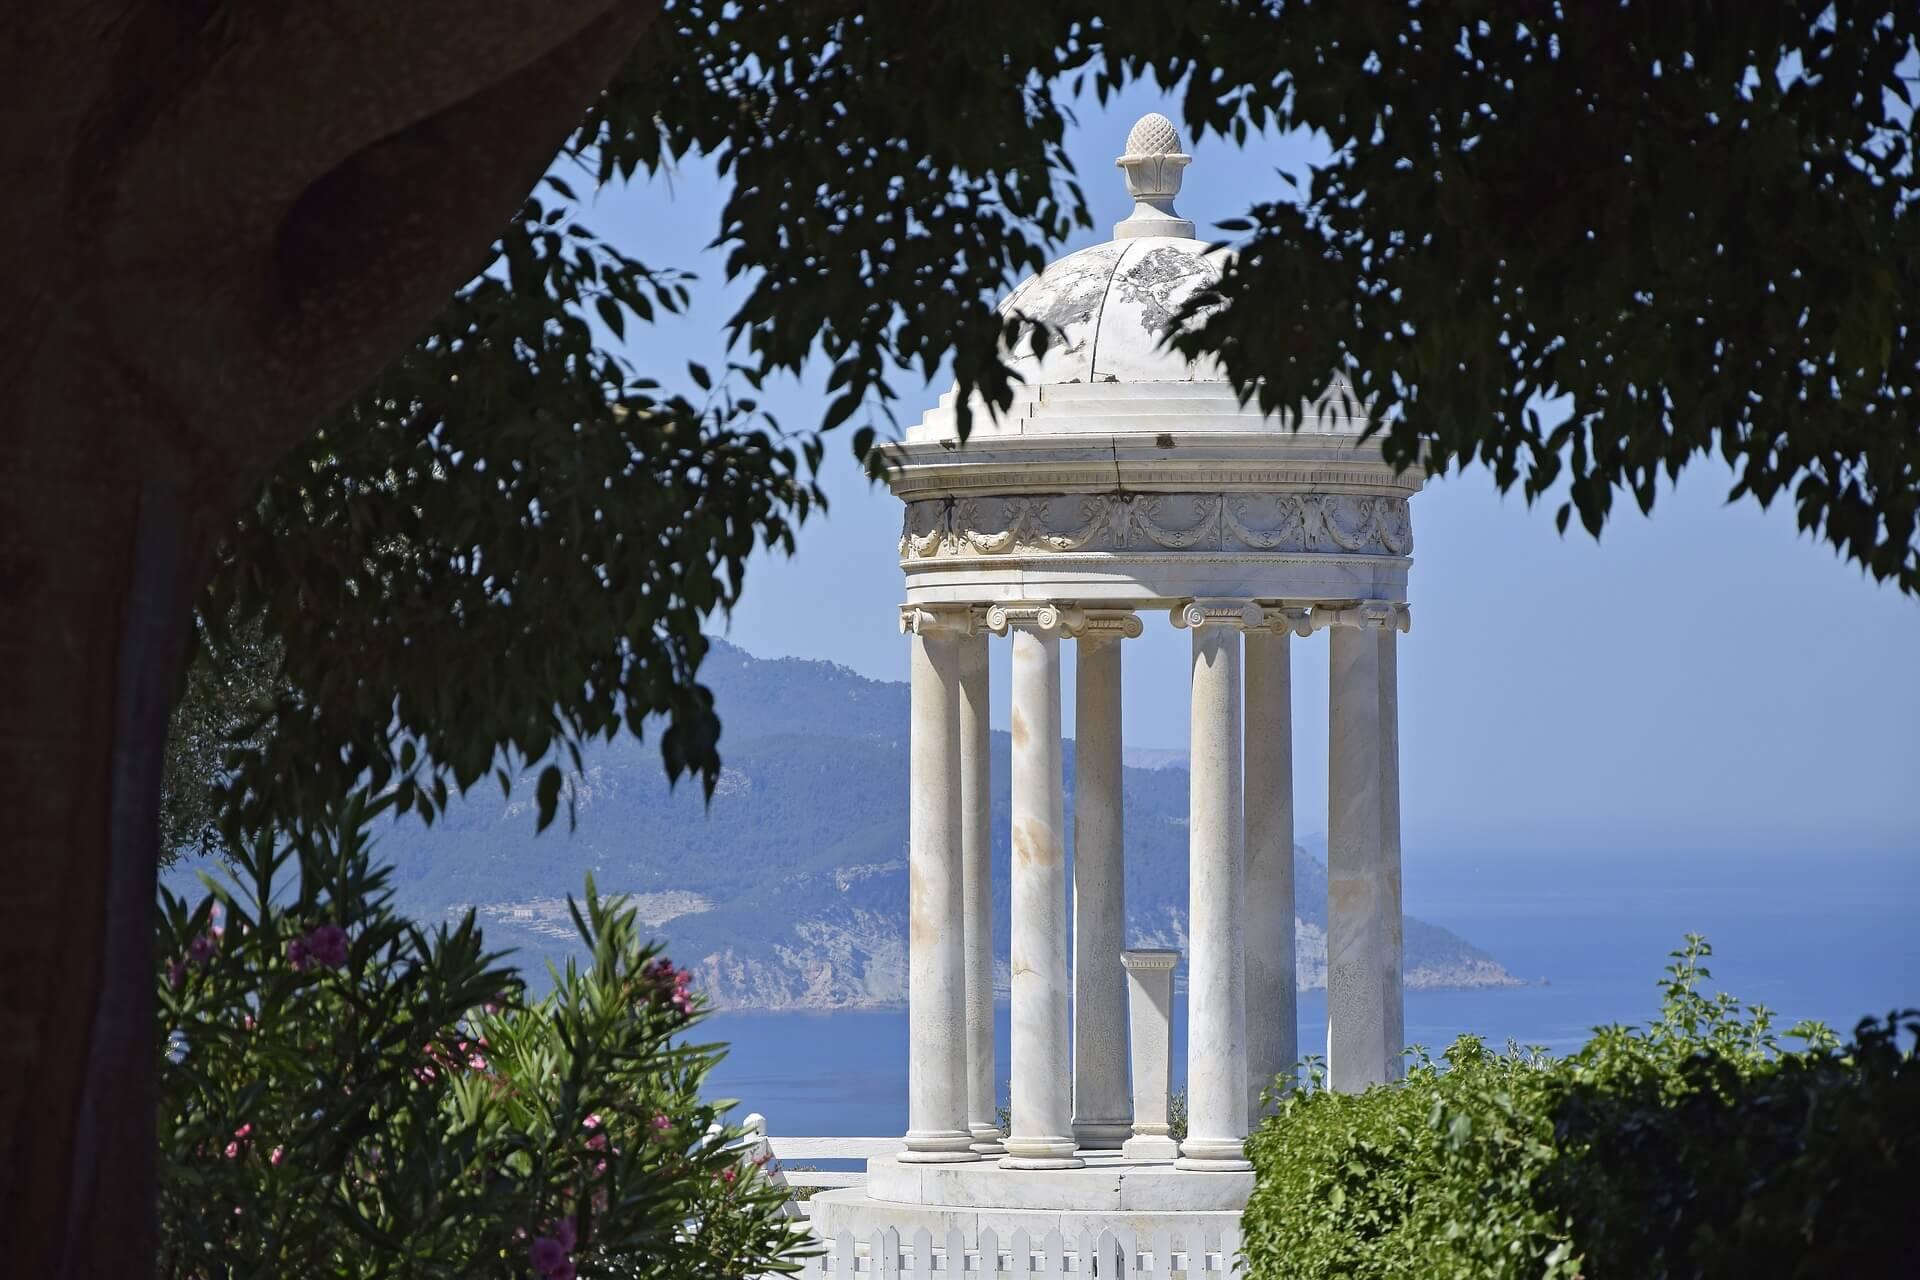 Son Marroig, Mallorca